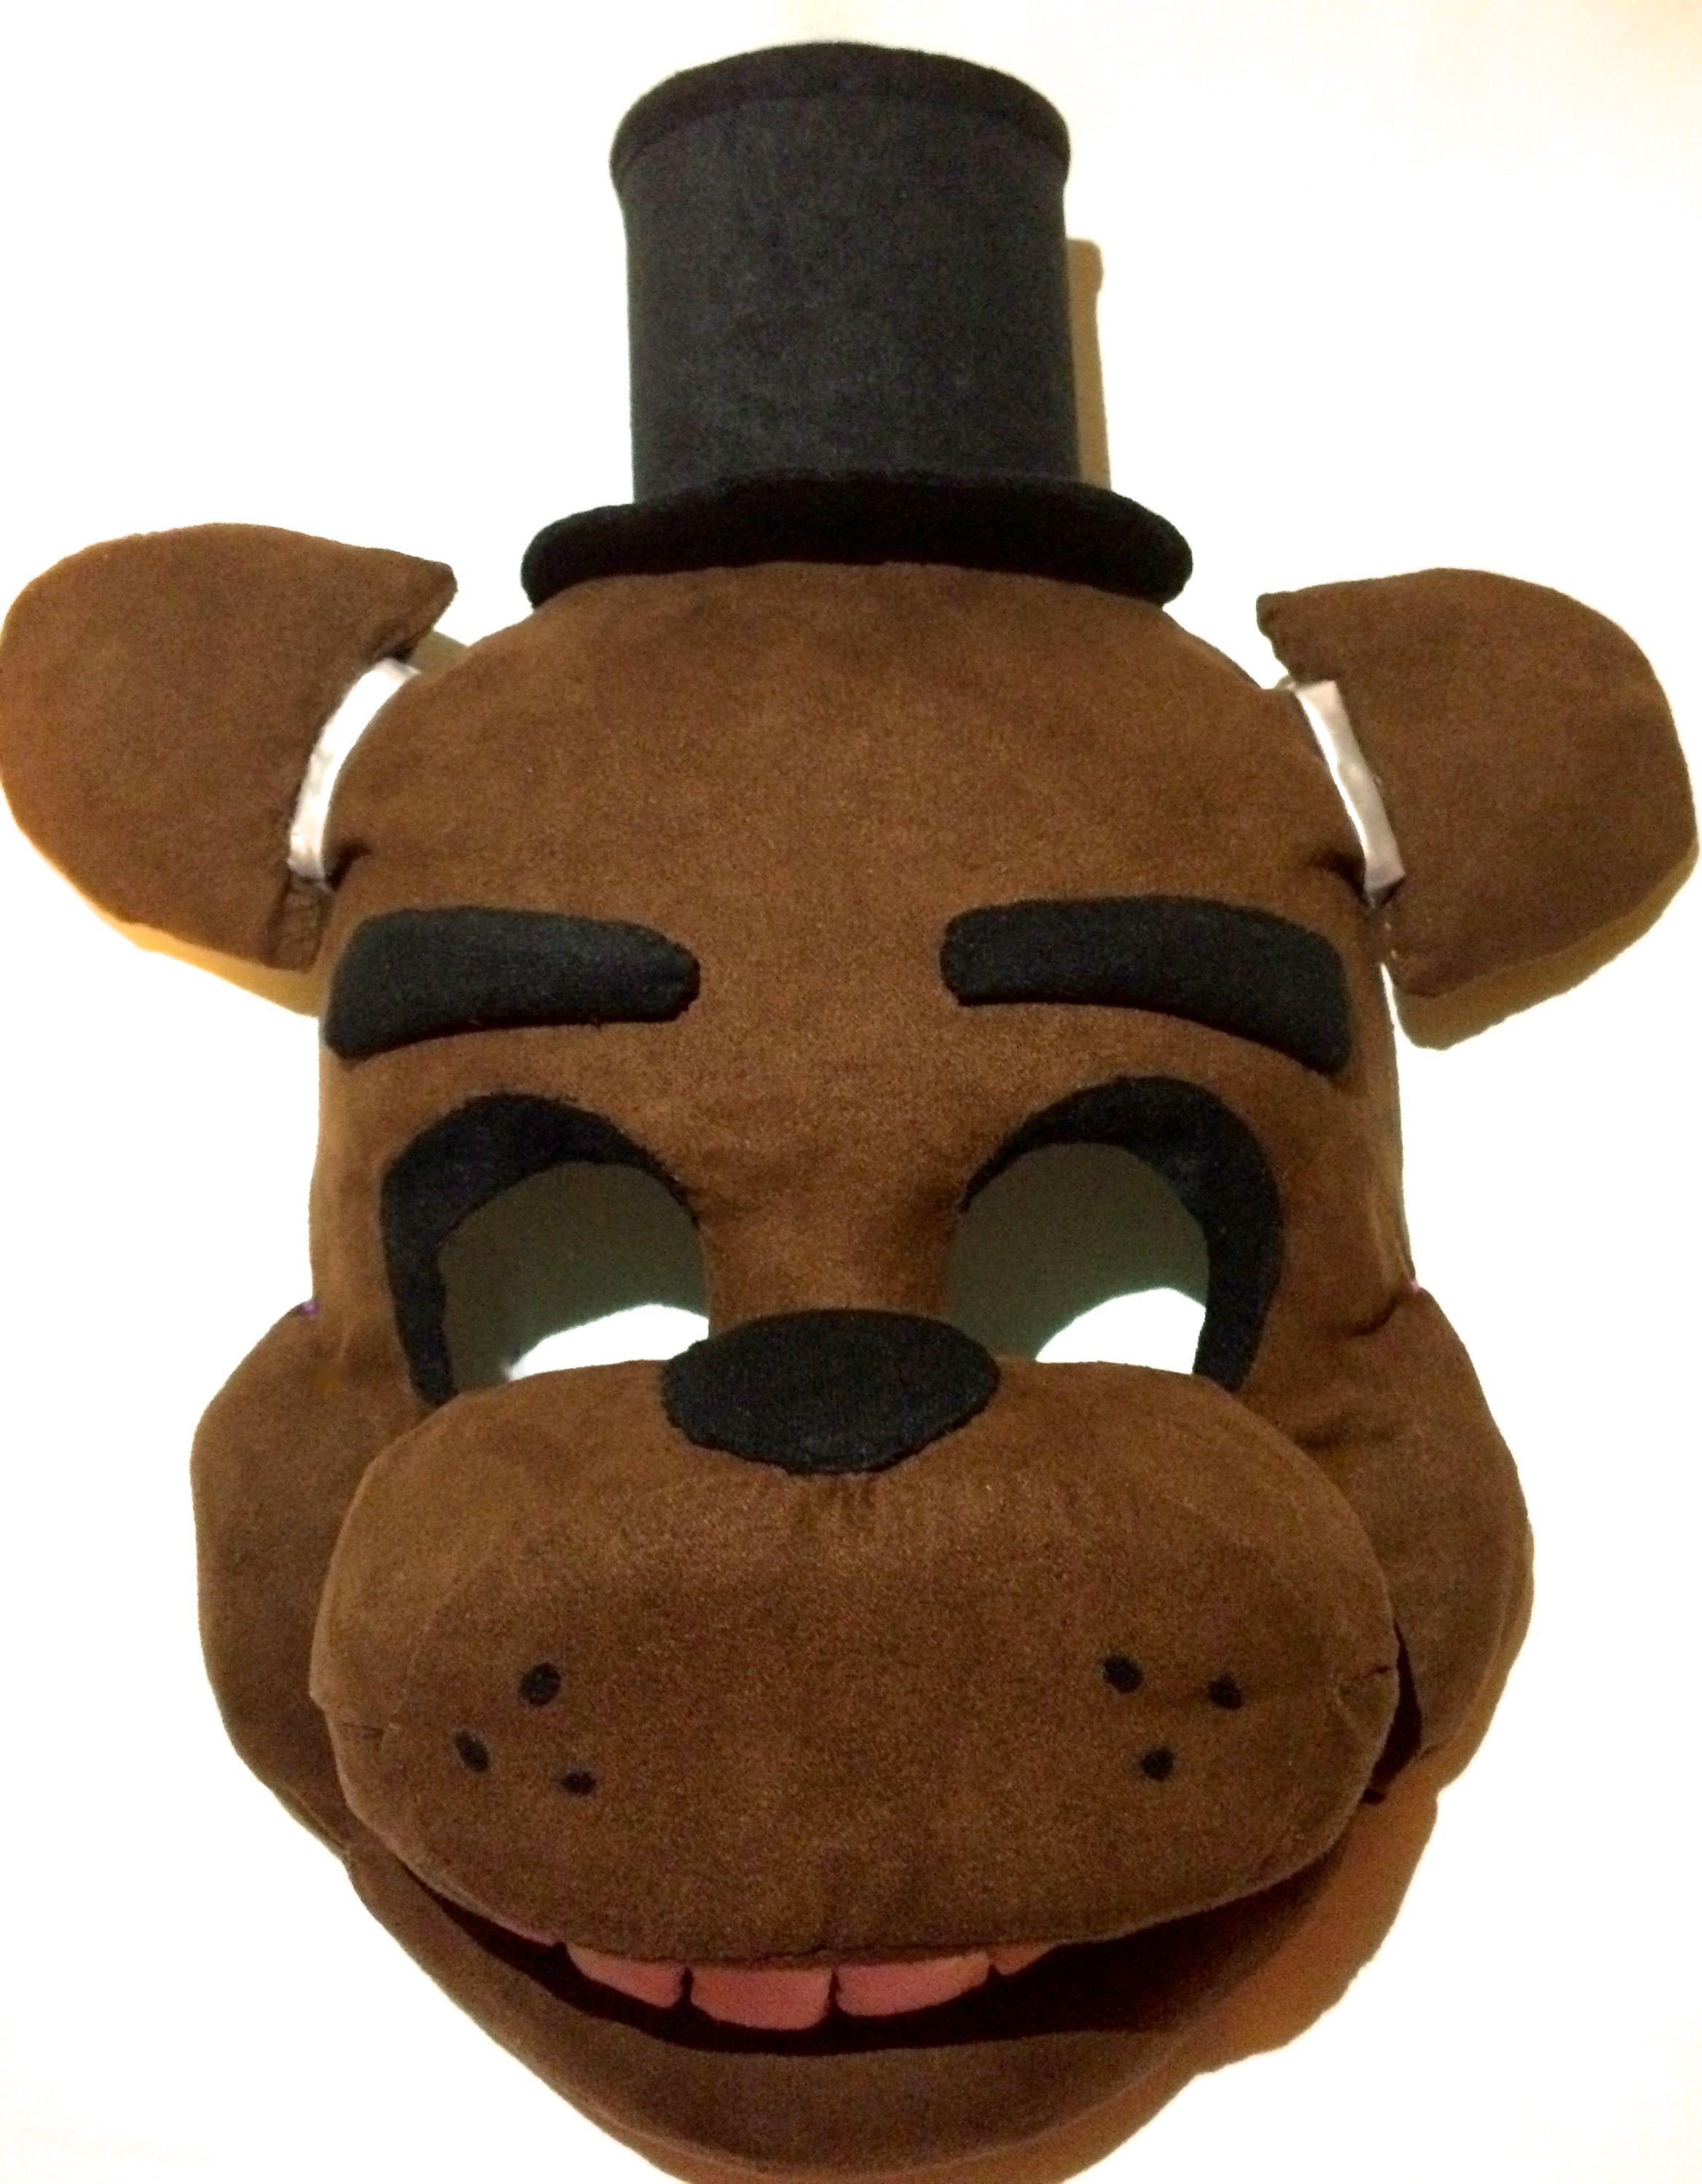 Fnaf freddy head for sale - Five Nights At Freddy S Fnaf Freddy Mask